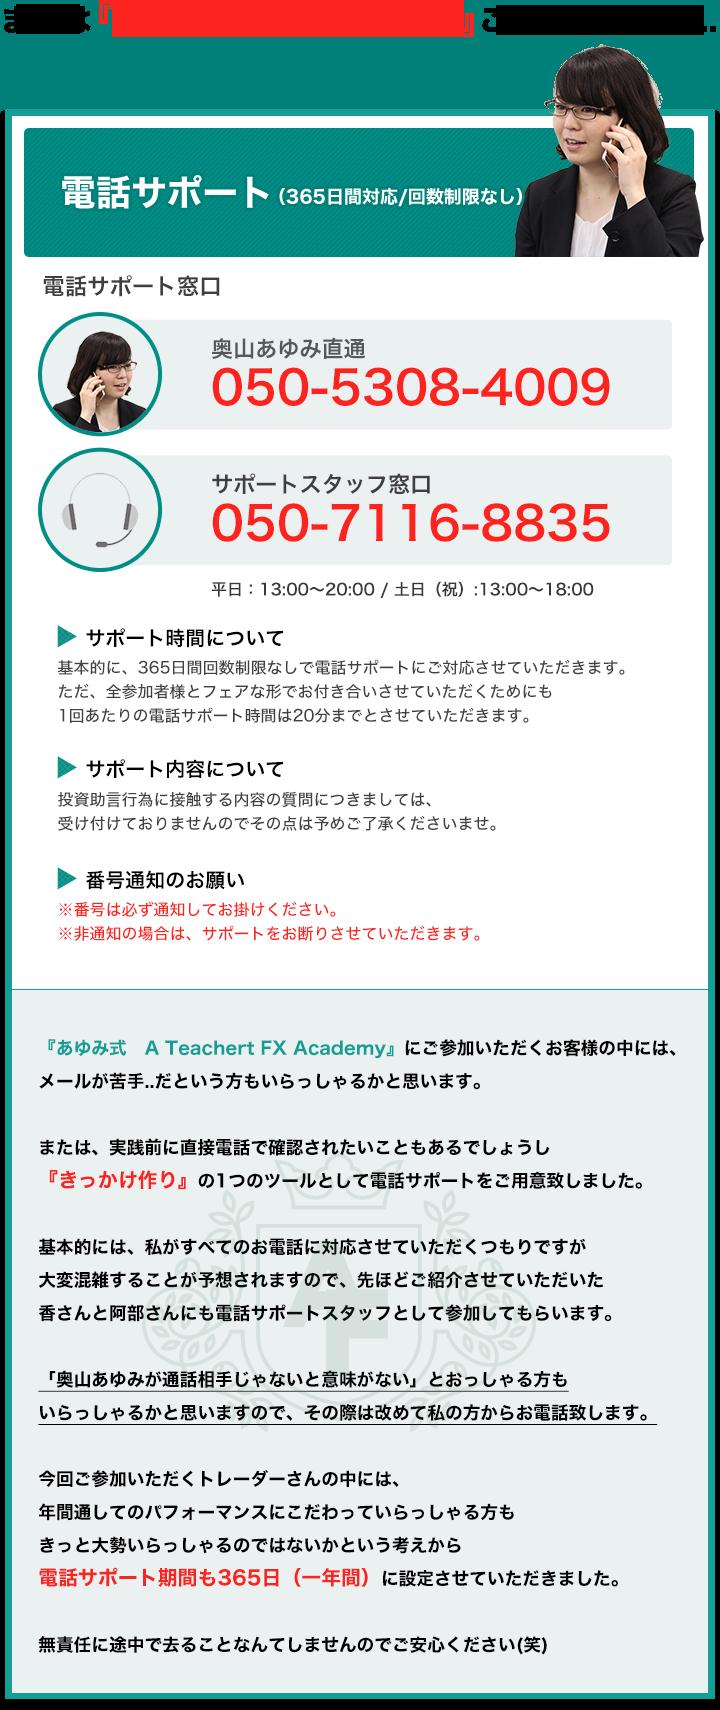 あゆみ式FX電話サポート